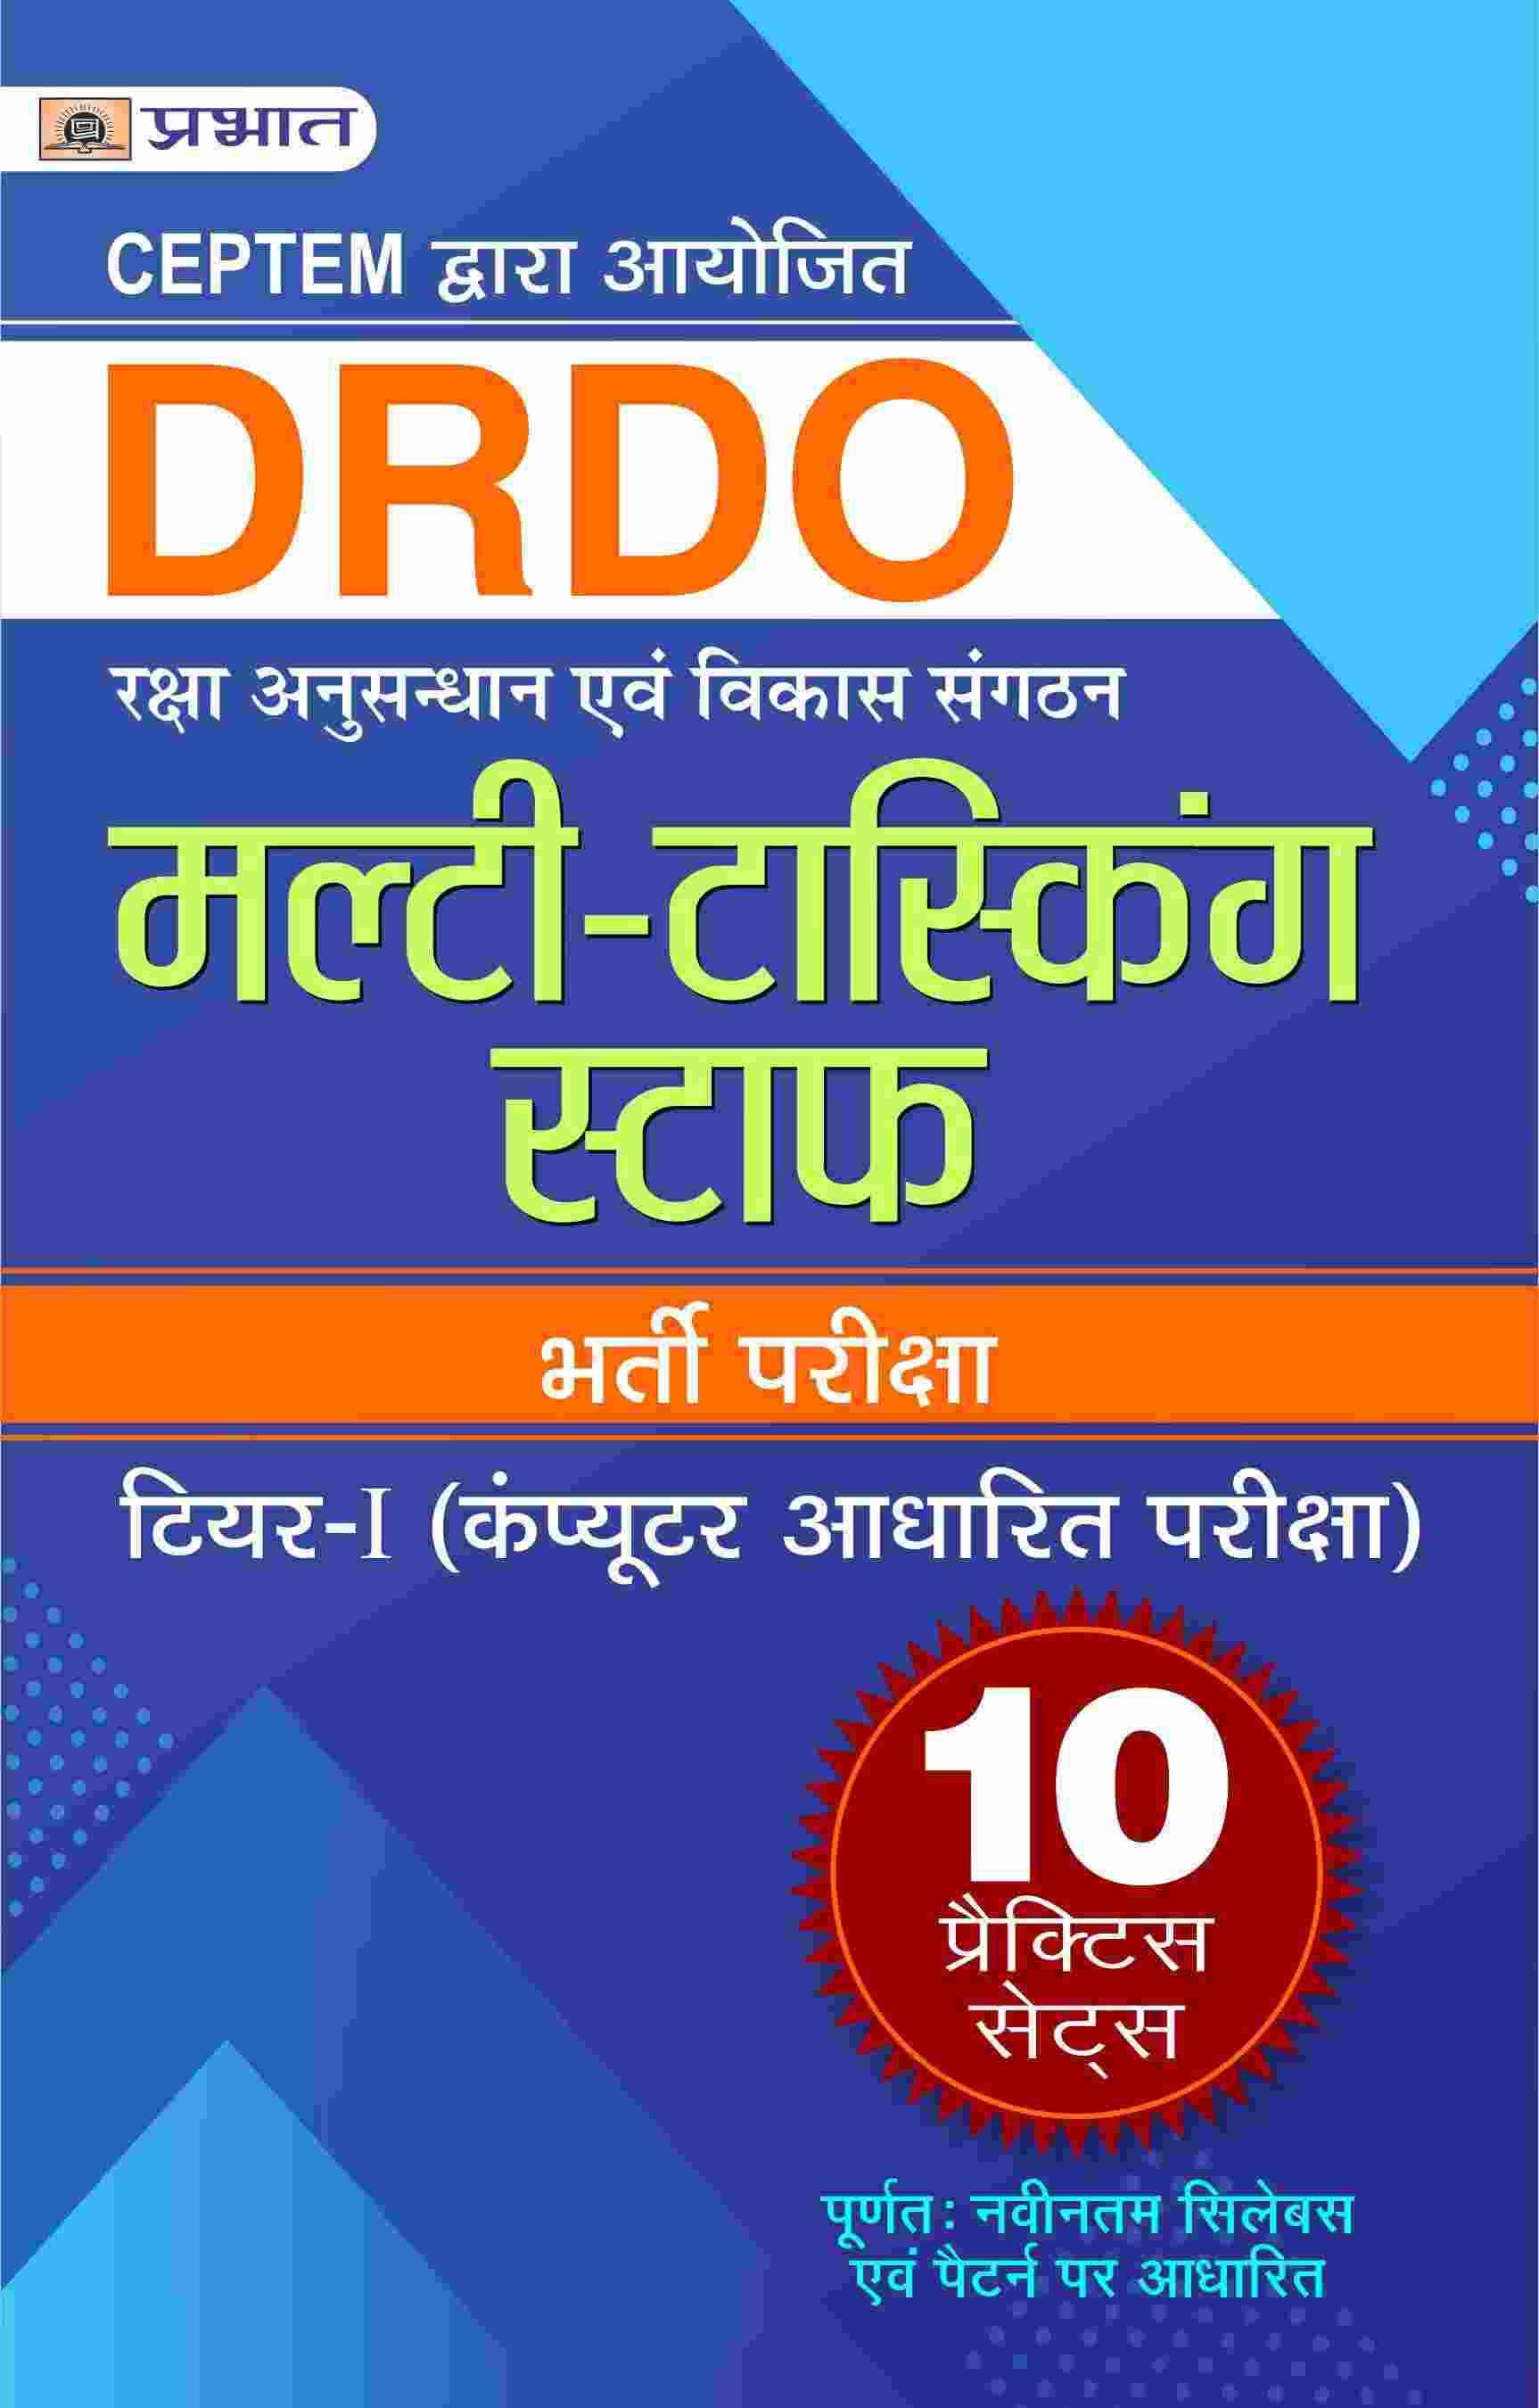 CEPTEM Dwara Ayojit DRDO Raksha Anusandhan Evam Vikas Sangthan Multi-T...